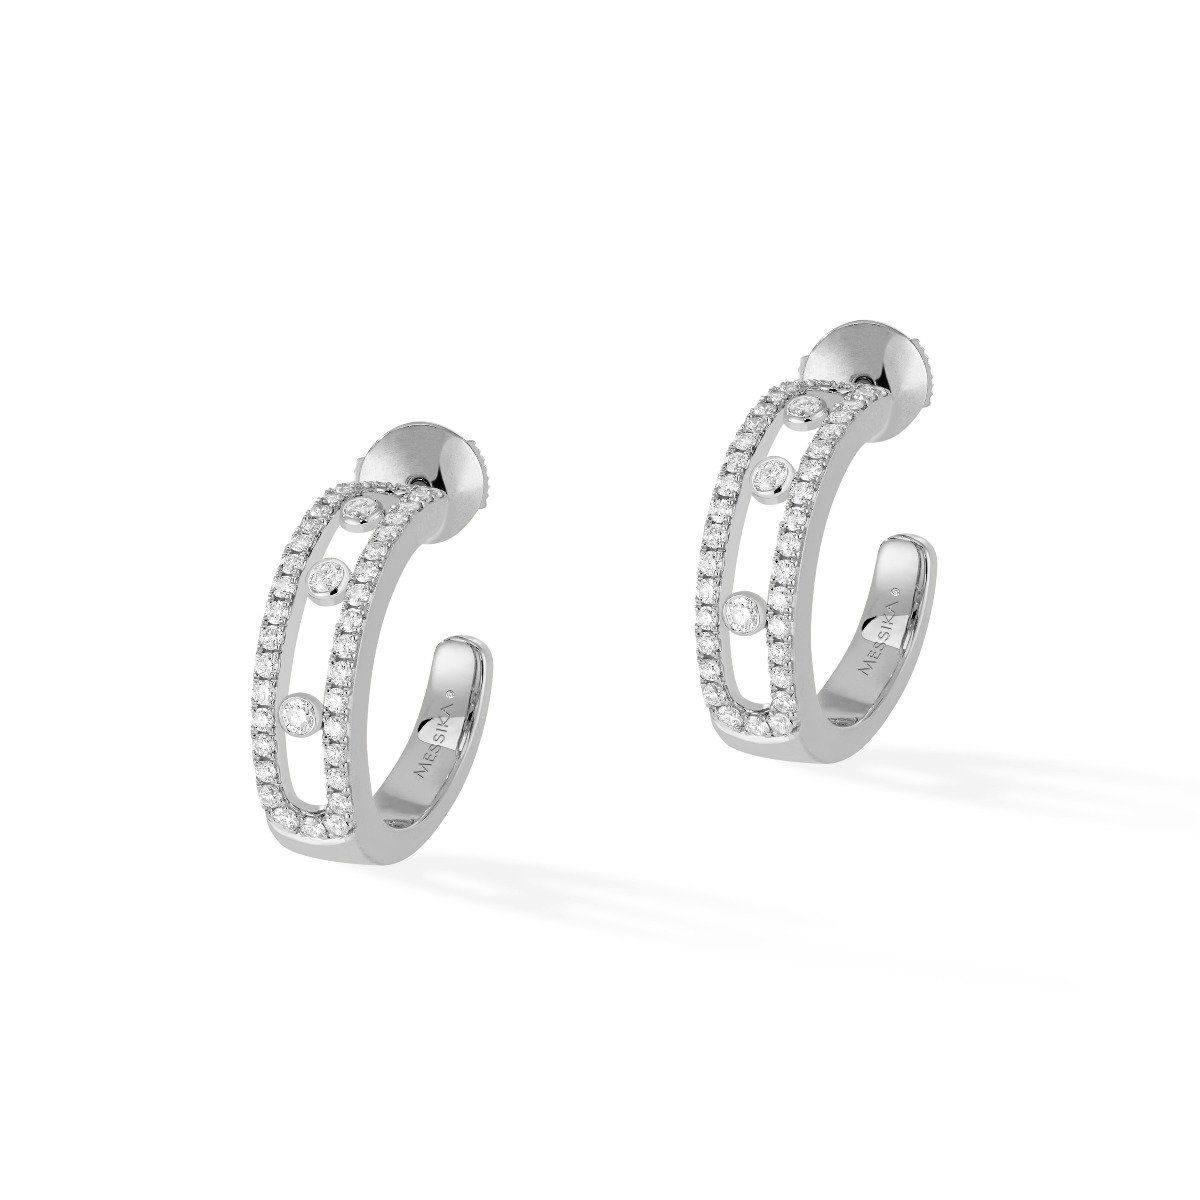 Boucles d'oreilles créoles Messika Move Classique en or blanc et diamants vue 1